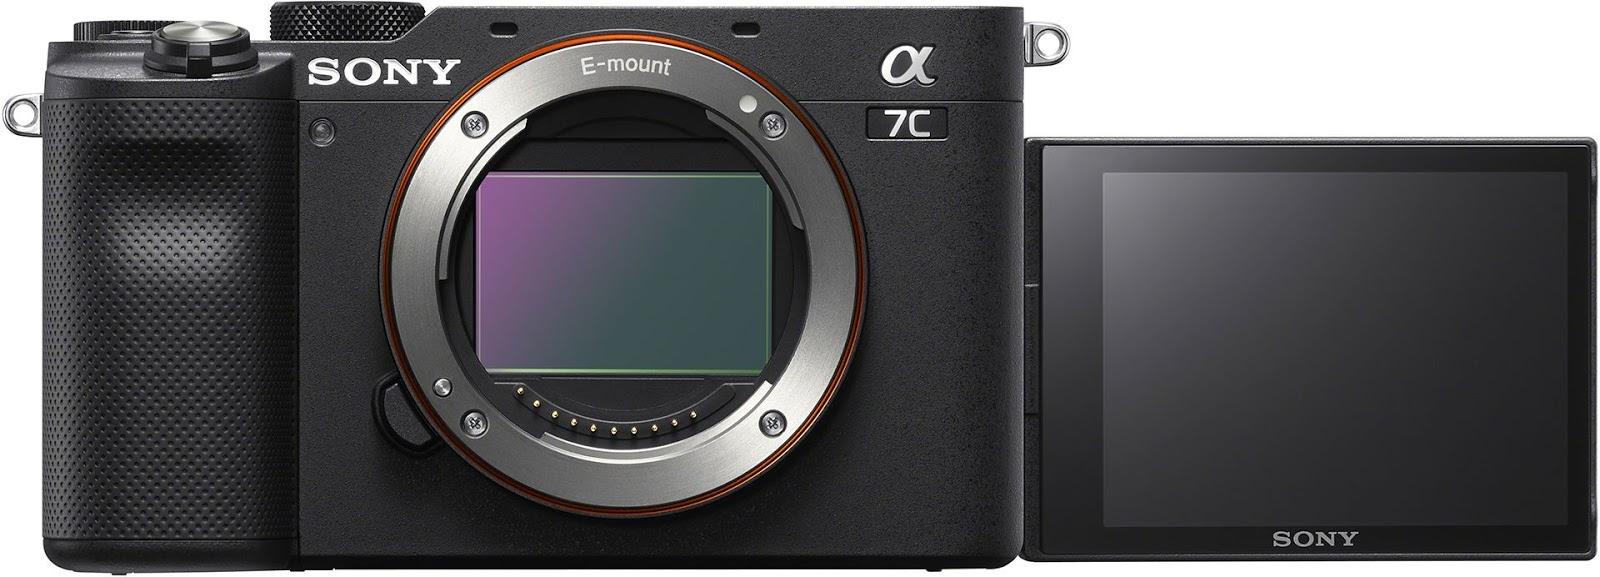 Sony A7C с поворотным экраном